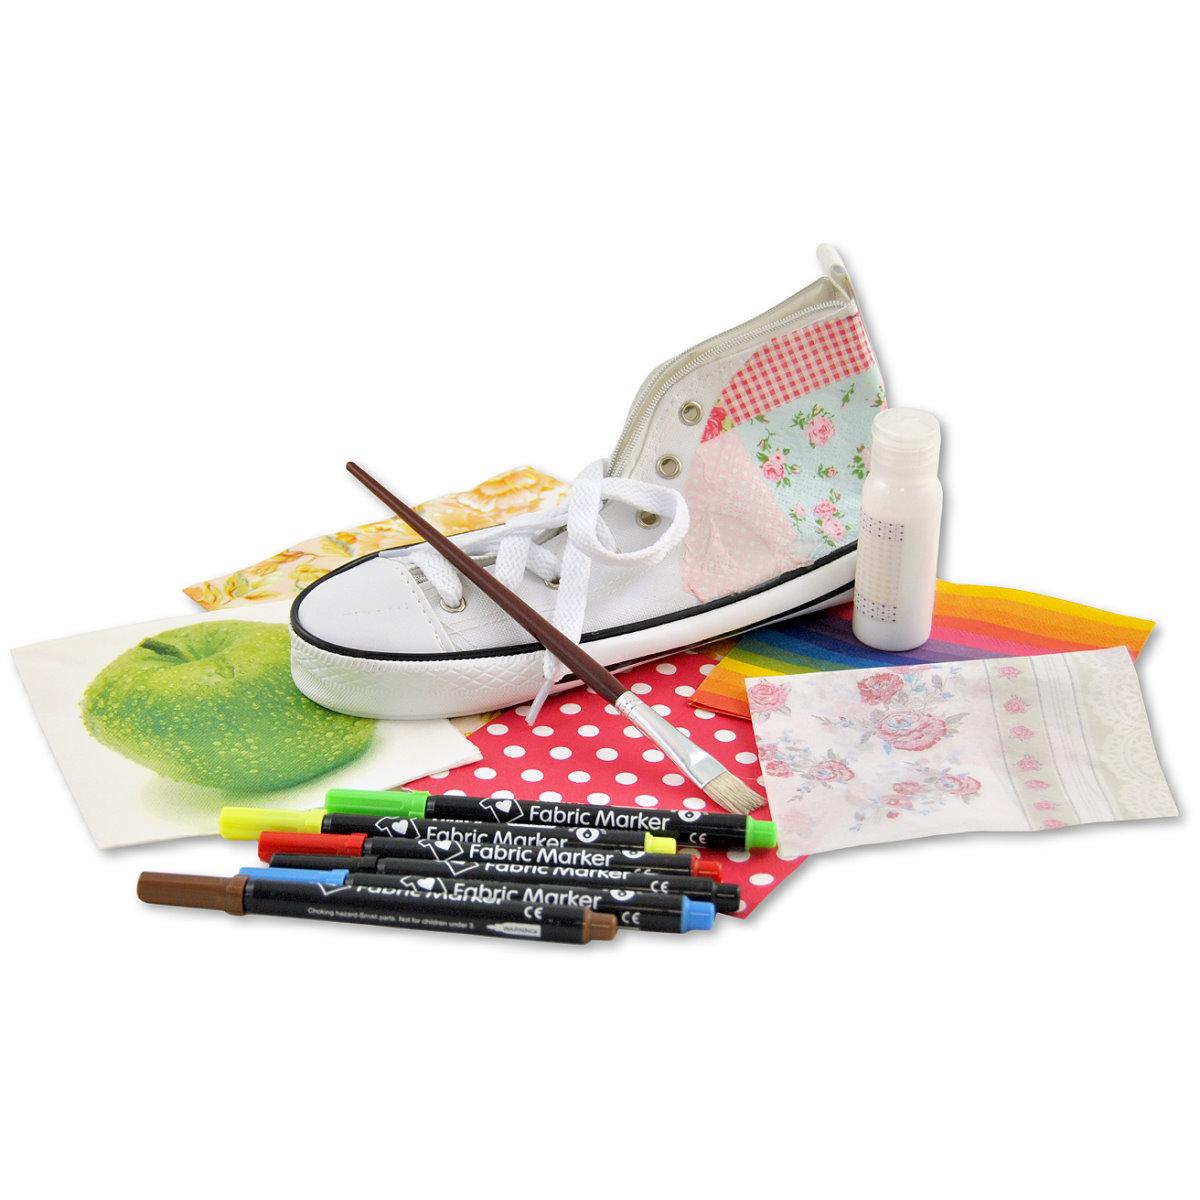 13-tlg. Set DIY Faulenzer Schuh mit umfangreichem Zubehör Image